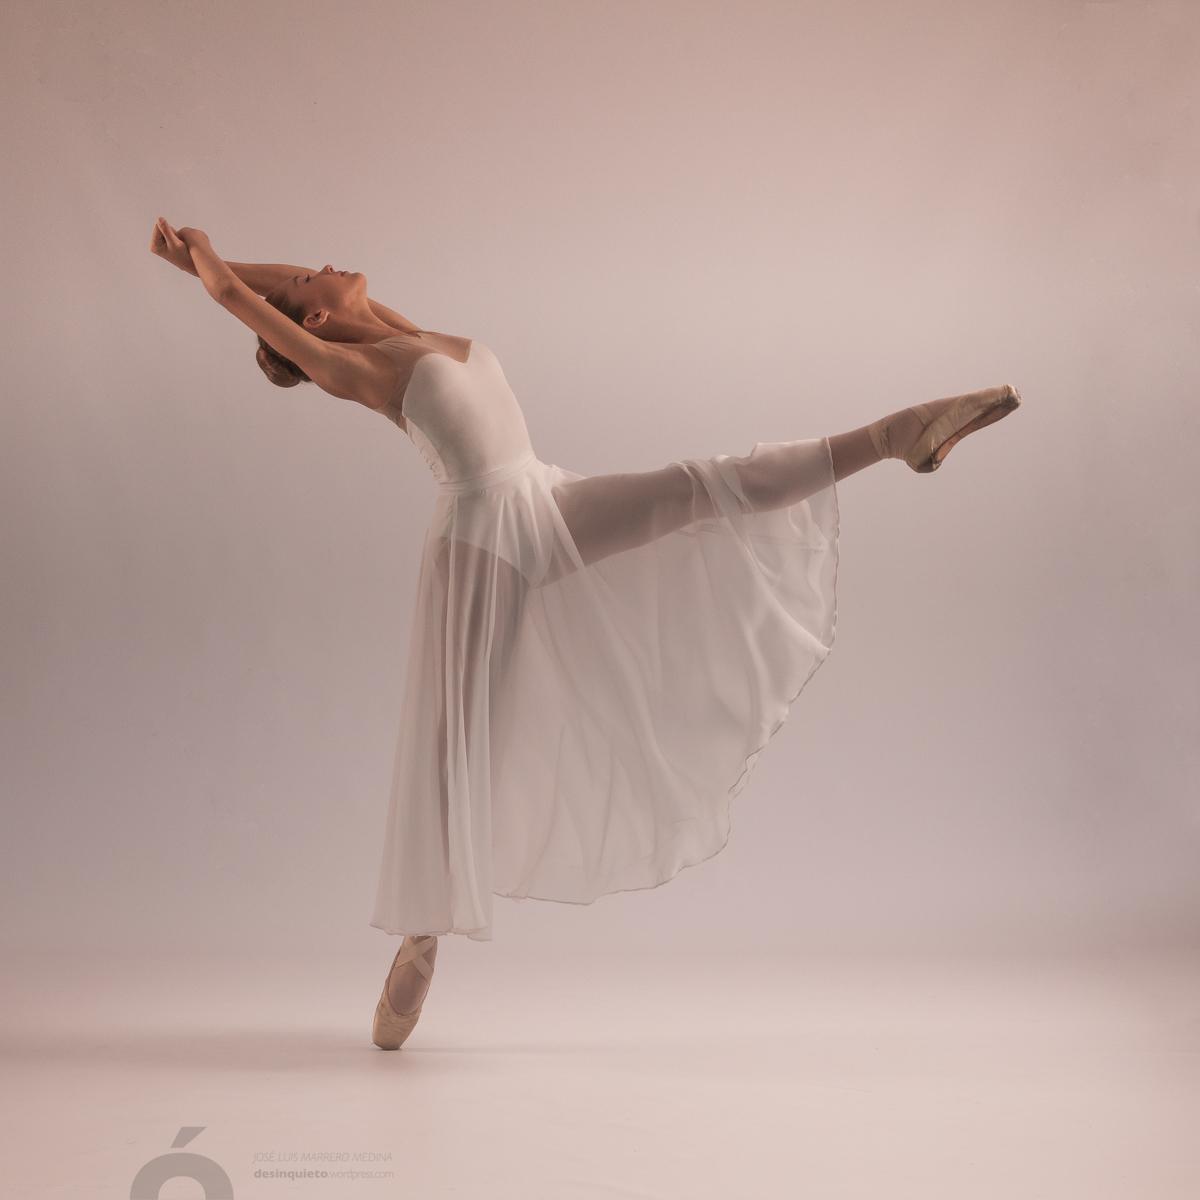 Fotografía de baile de Aula de Danza de la Escuela Municipal de Telde publicada en su perfil mydance